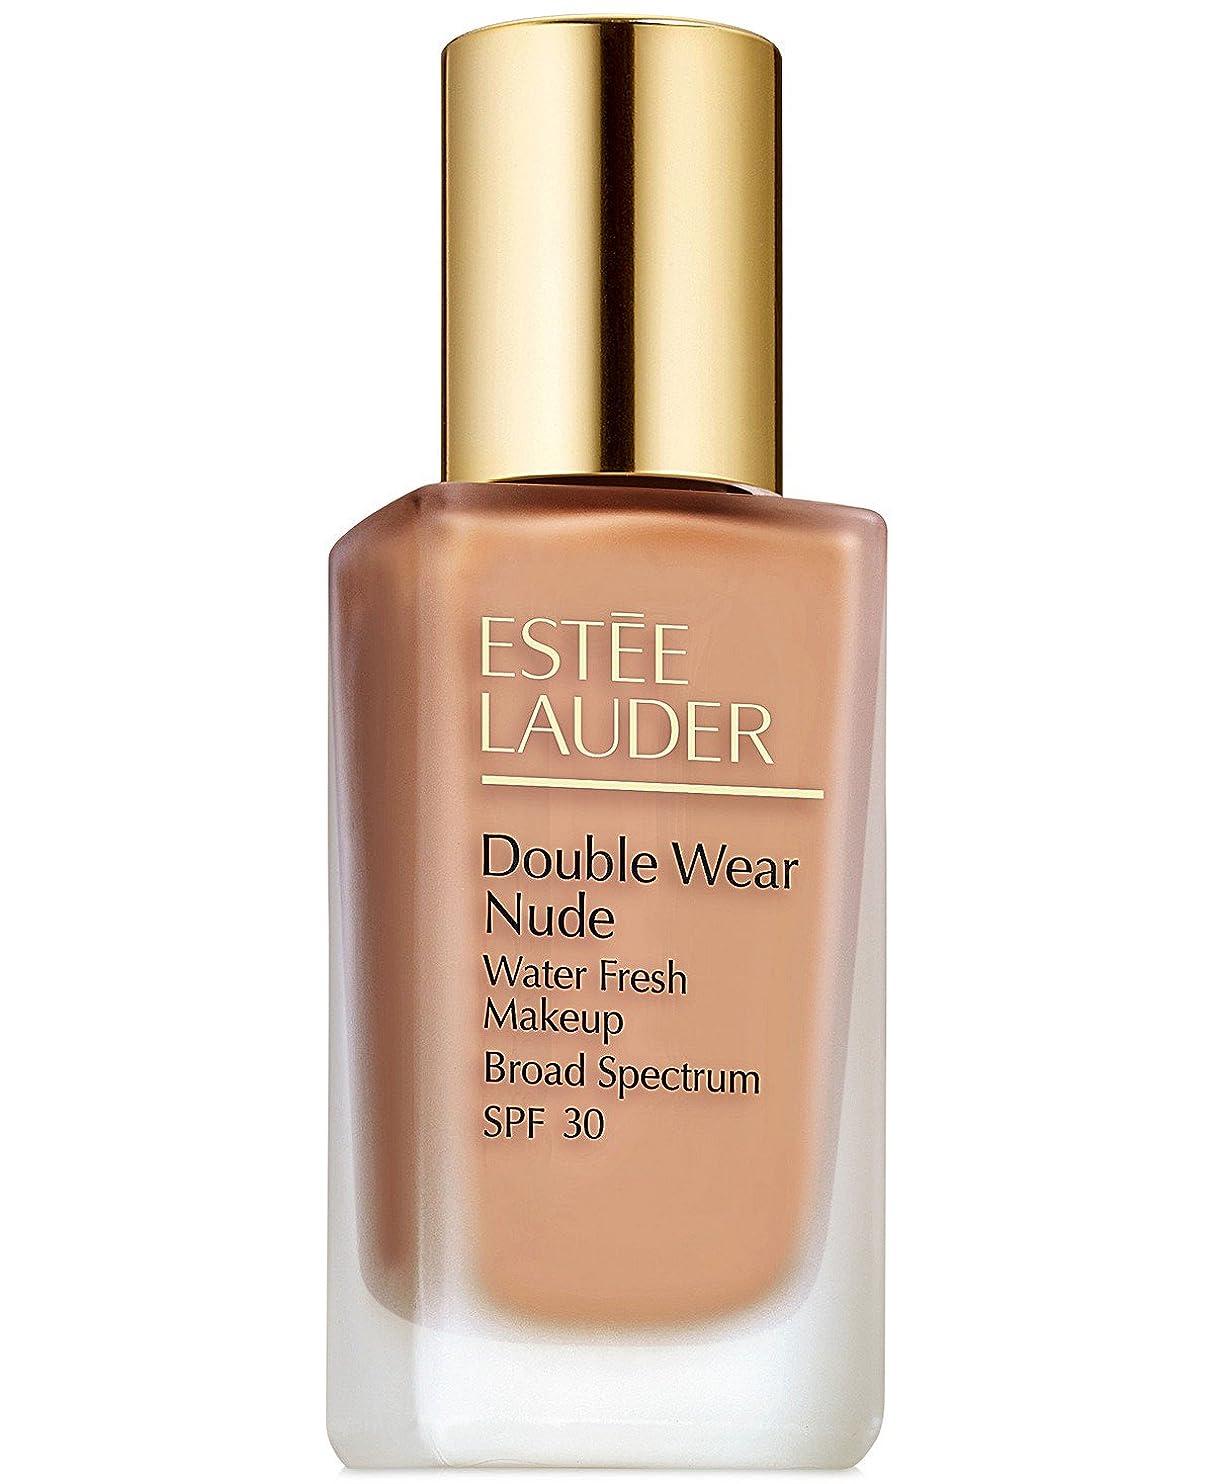 イノセンスメイエラ大使エスティローダー Double Wear Nude Water Fresh Makeup SPF 30 - # 3N1 Ivory Beige 30ml/1oz並行輸入品